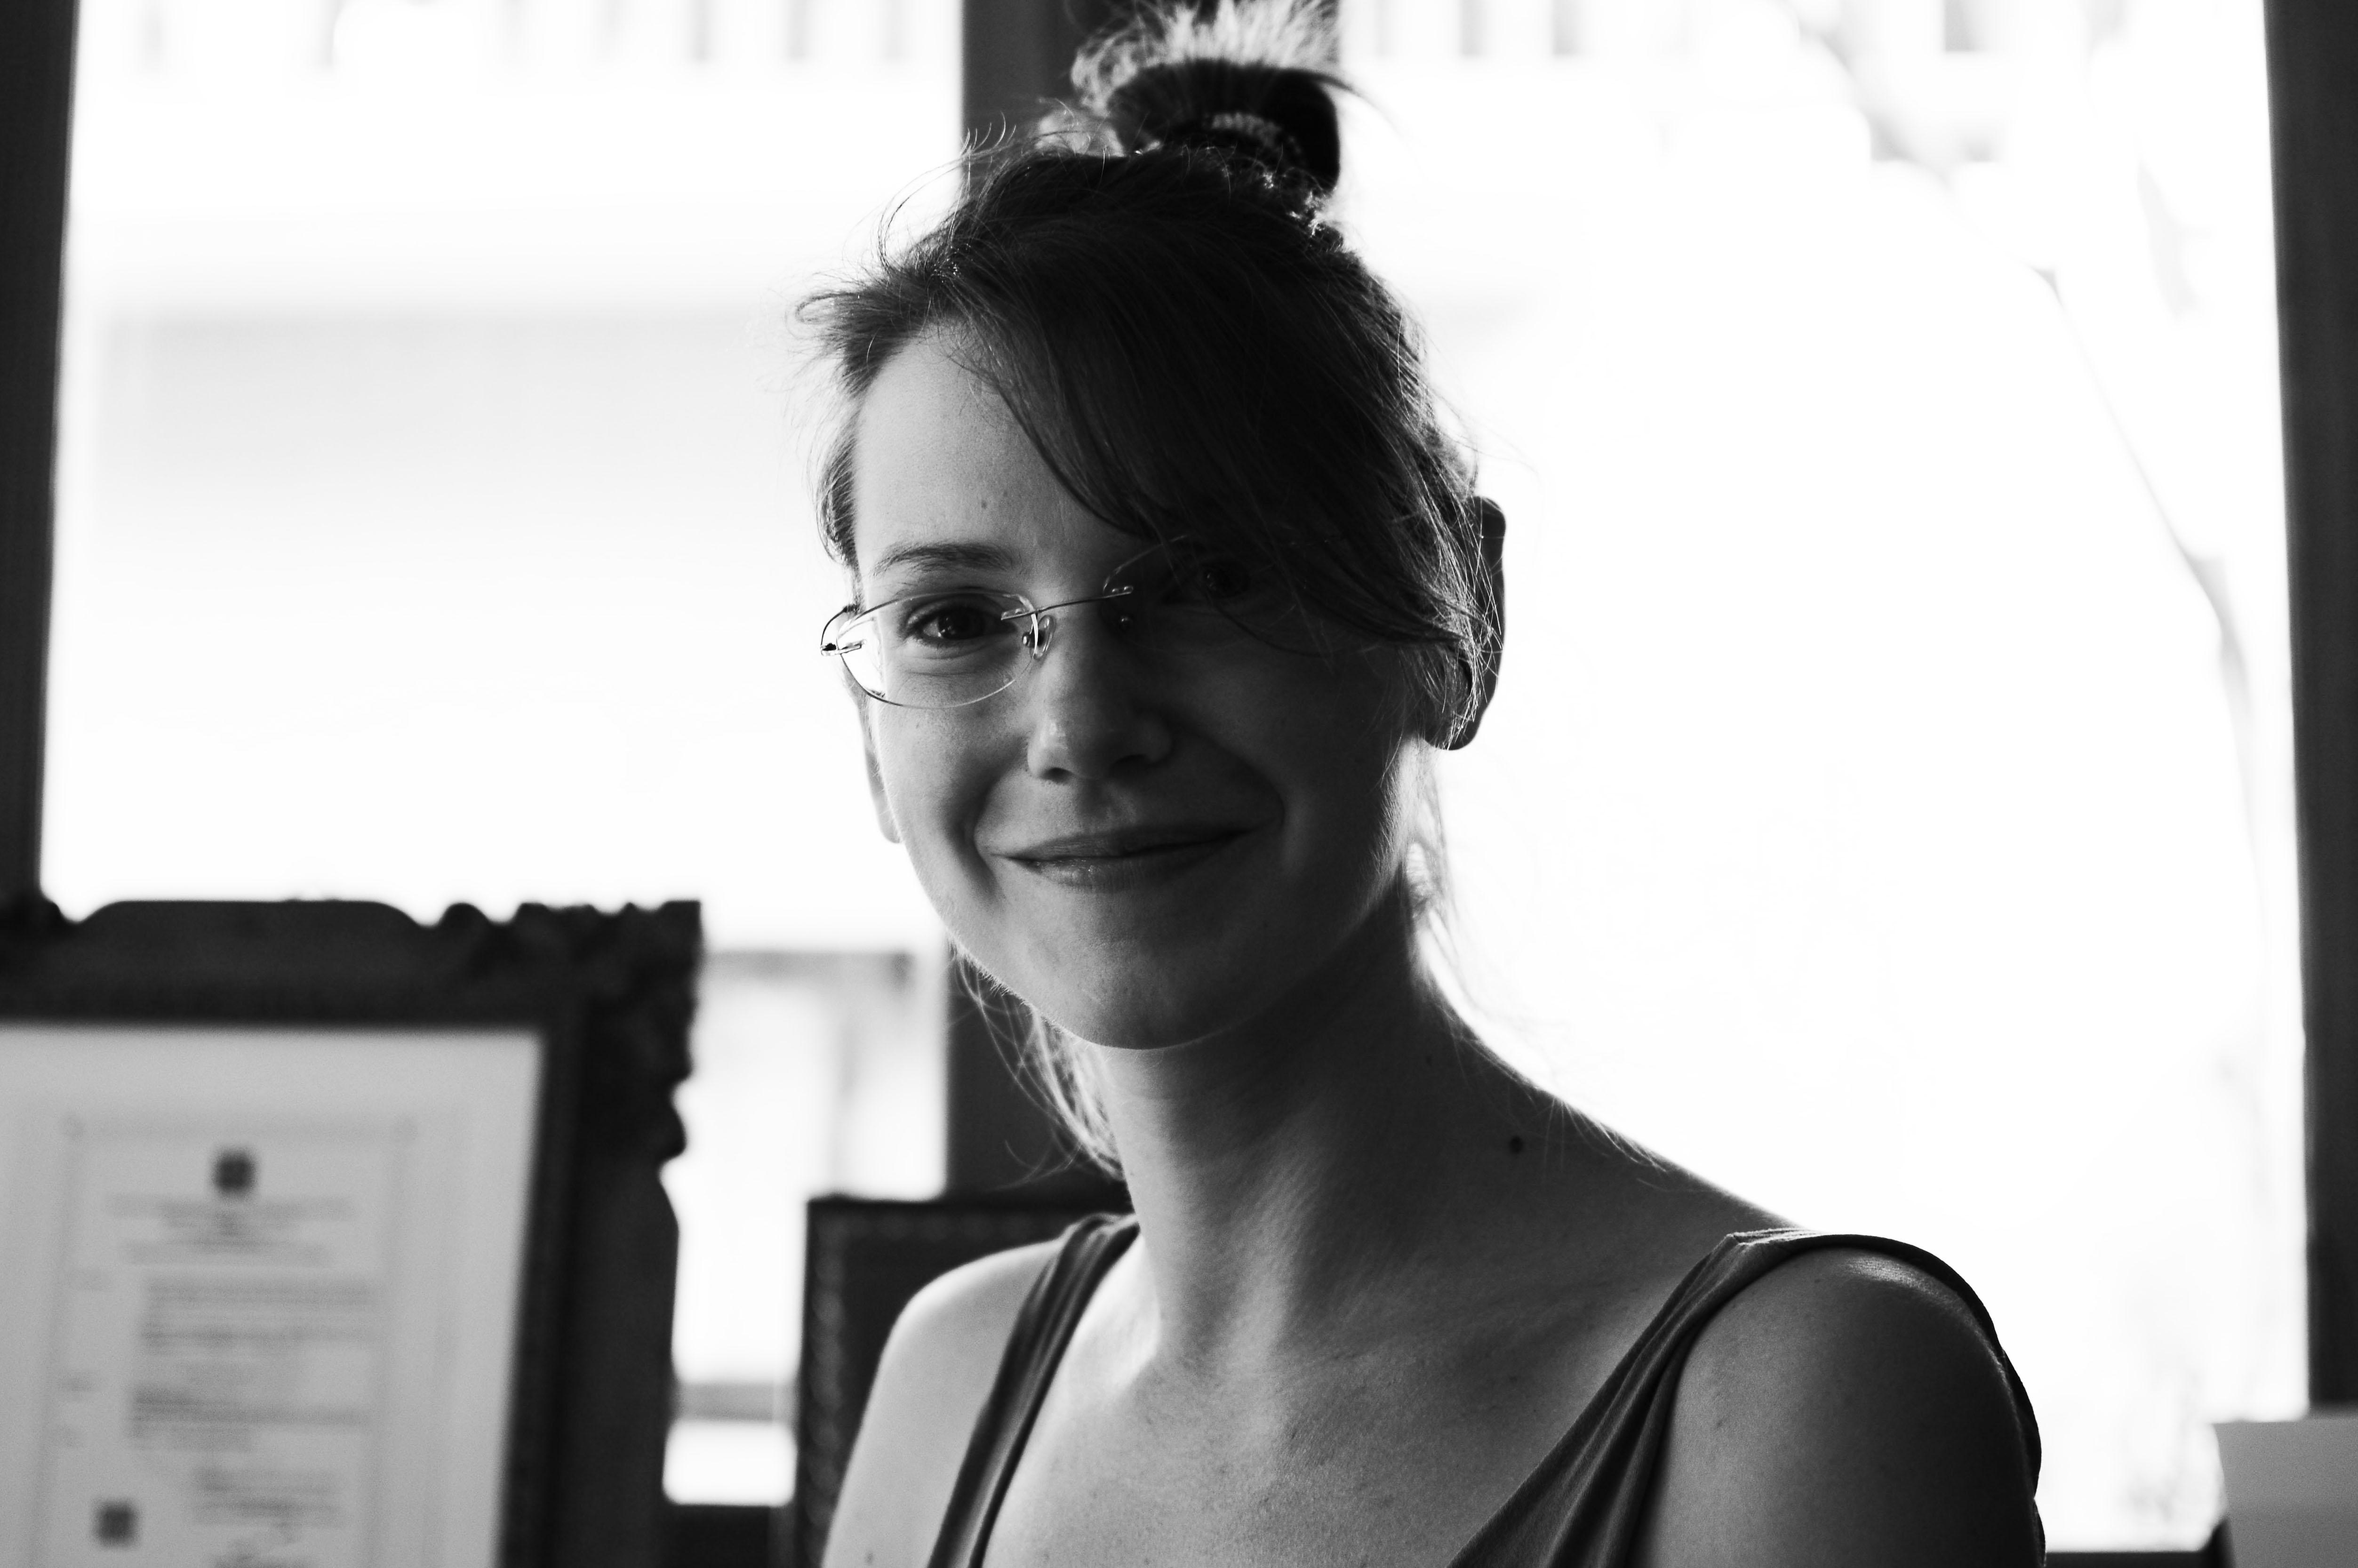 Kalina Szkaluba